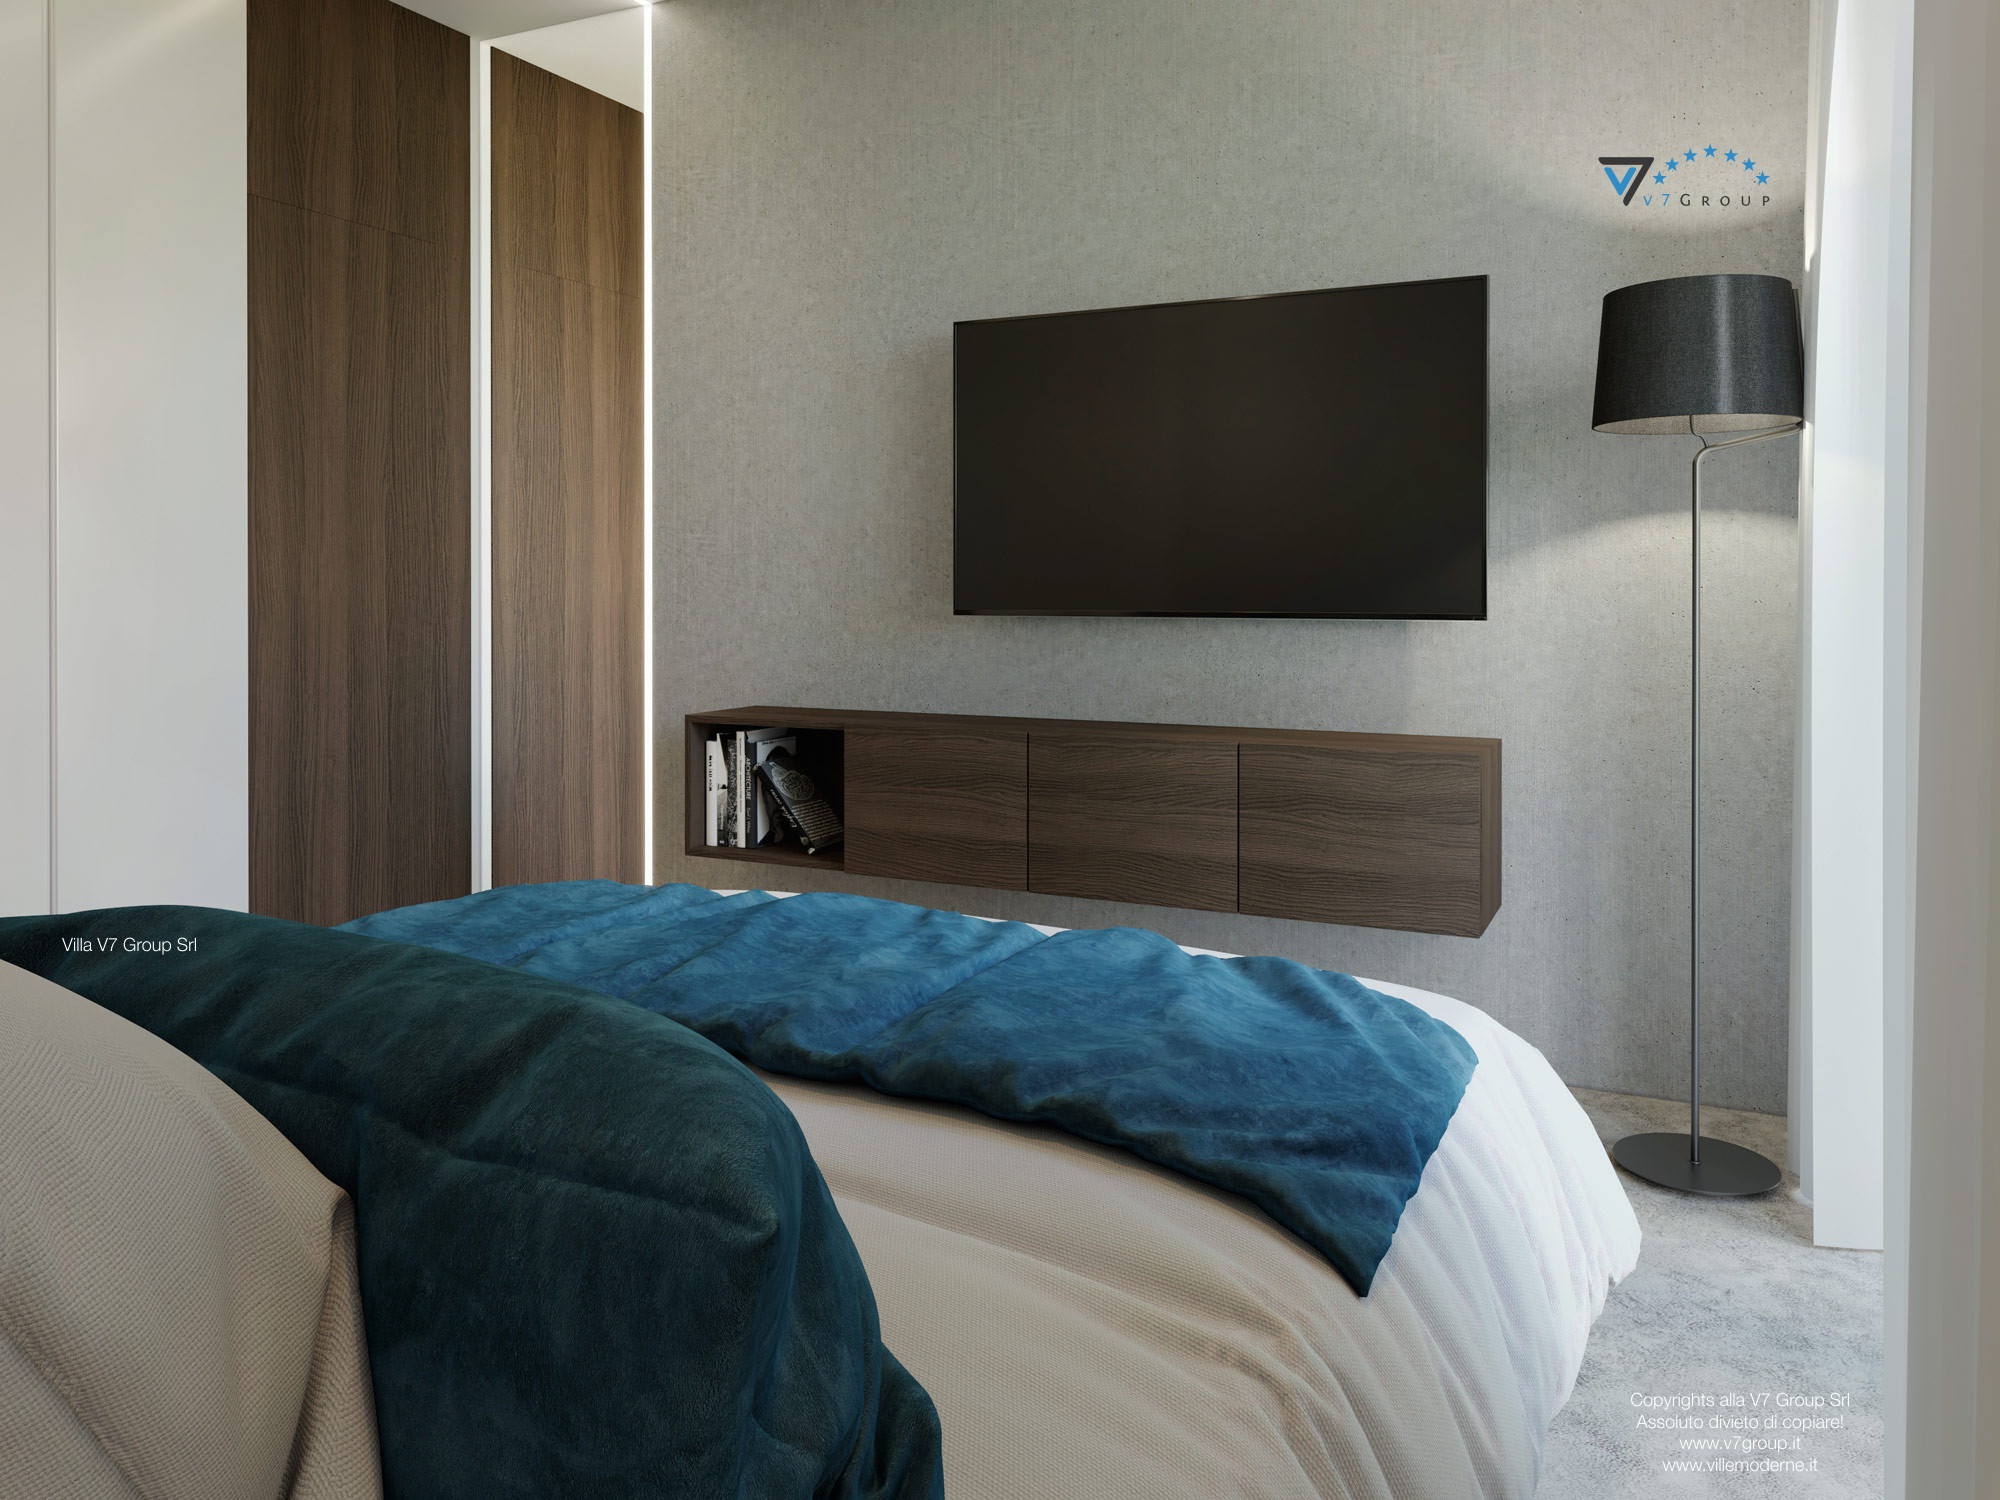 Immagine Villa V38 (progetto originale) - interno 14 - camera matrimoniale